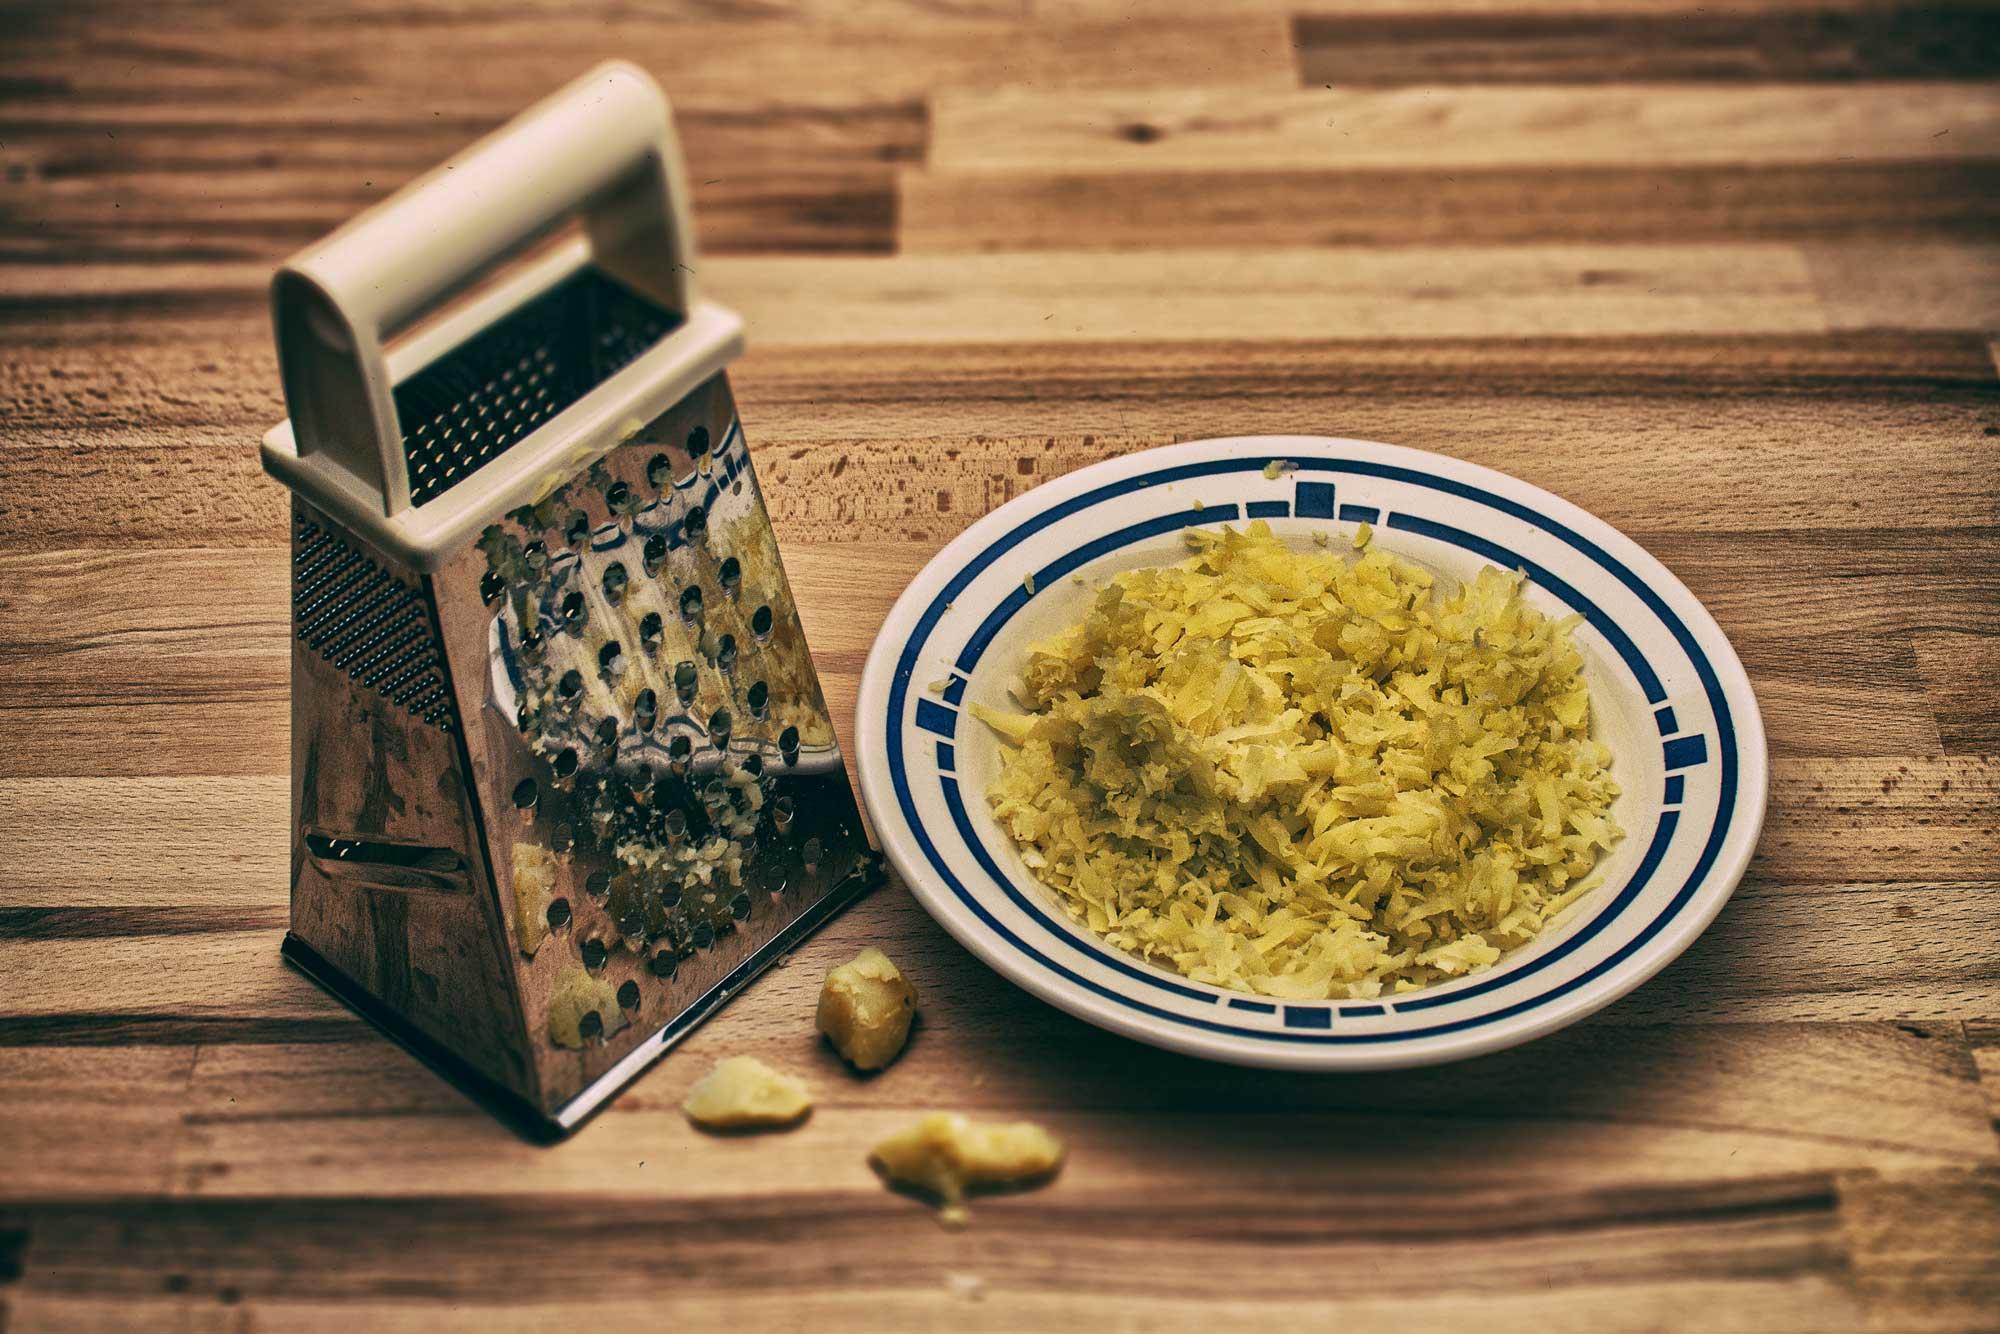 Semmede aus Kartoffeln auch bekannt als Semele, Bröselhaber, Zwuler oder Kartoffel-Brösel-Schmarrn